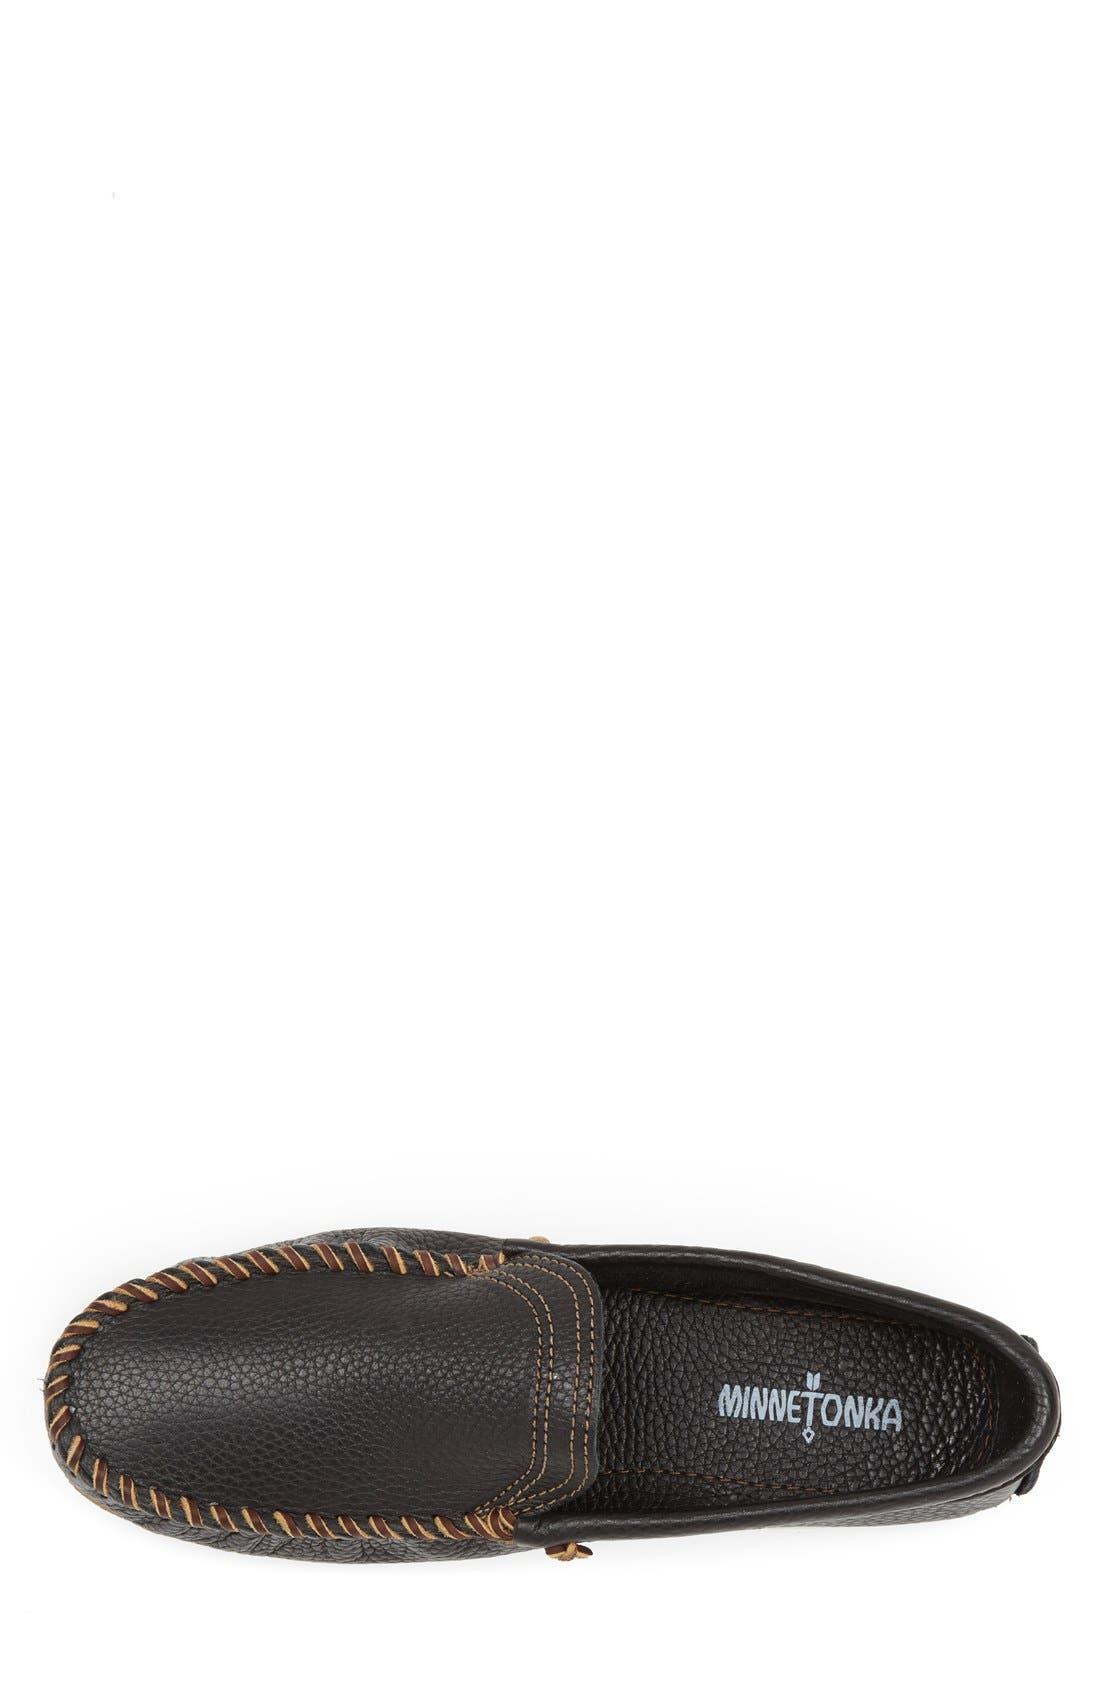 Venetian Loafer,                             Alternate thumbnail 3, color,                             Black